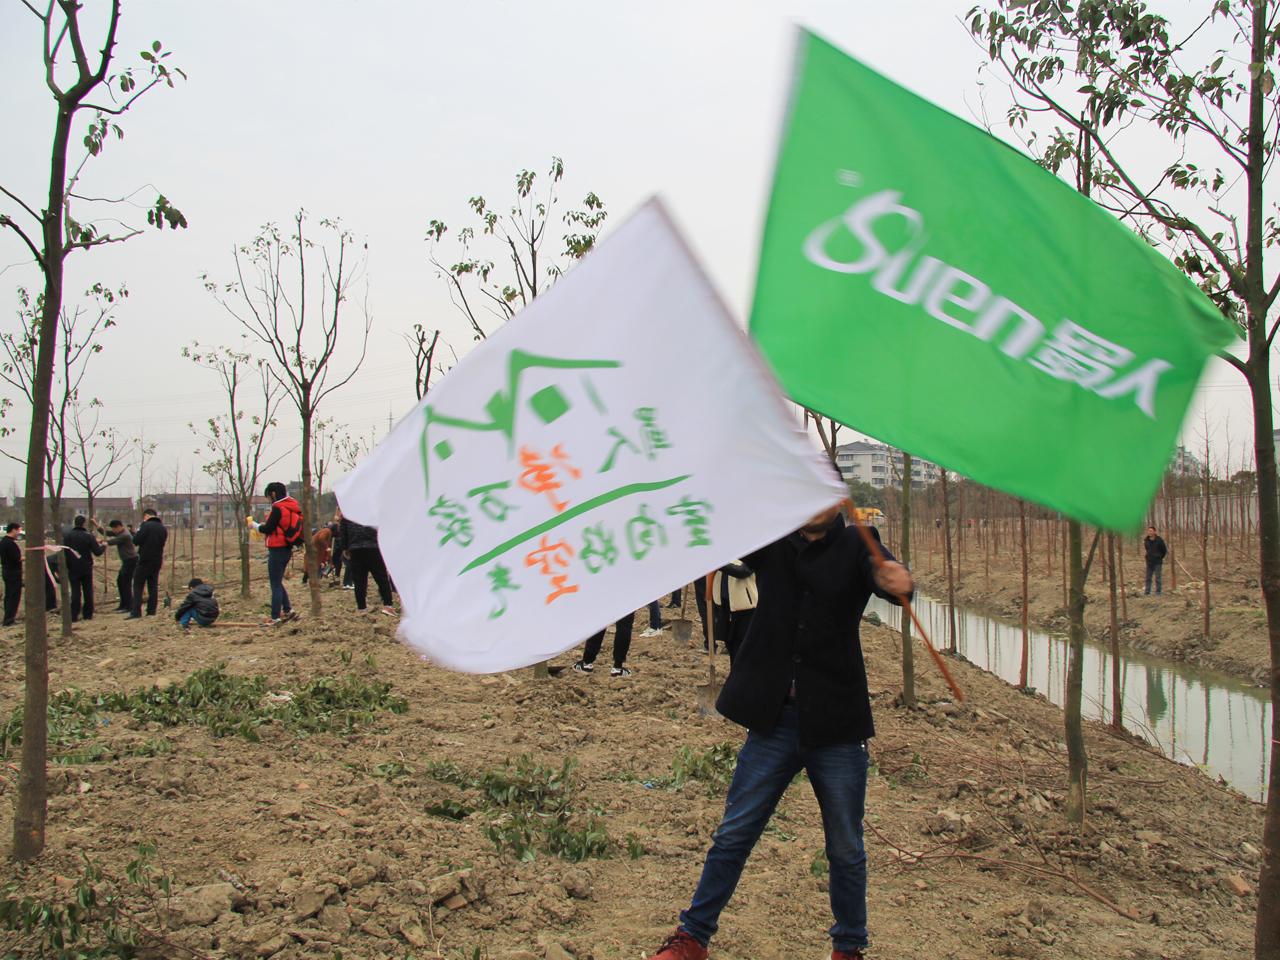 净空大师参与植树活动